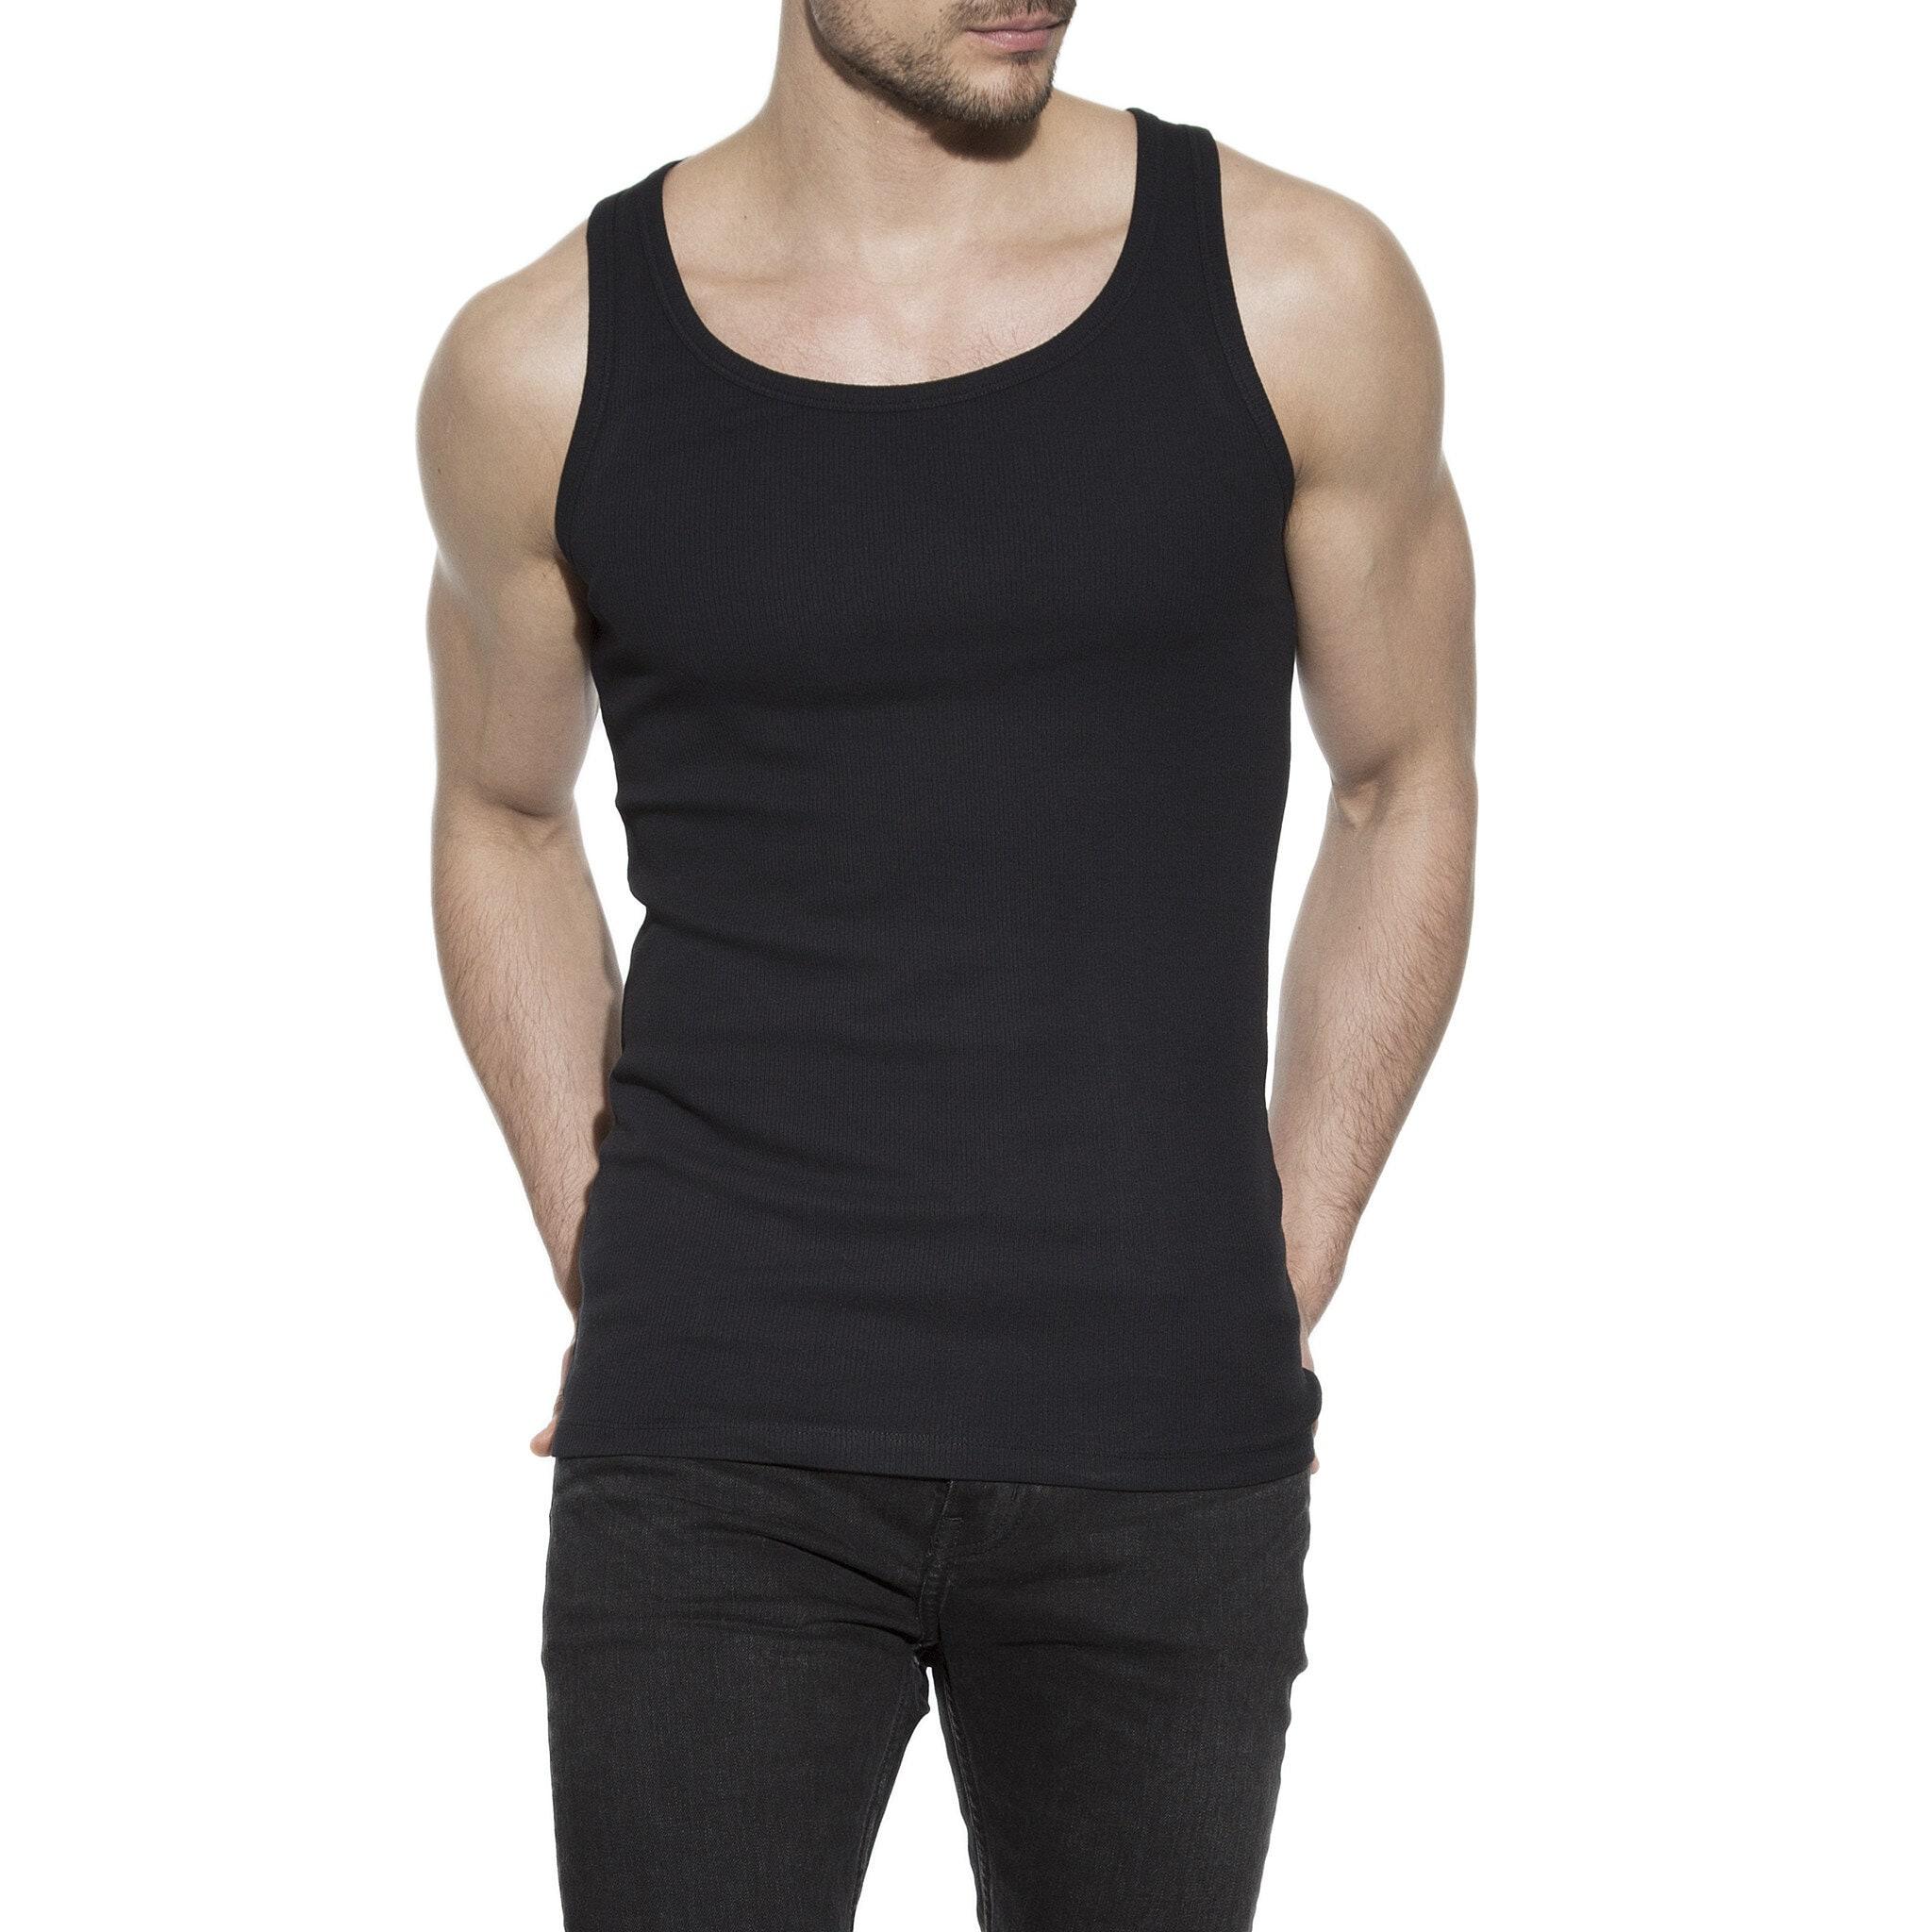 Enfärgat ribbat linne svart för herr i ekologisk bomull med small passform, framifrån